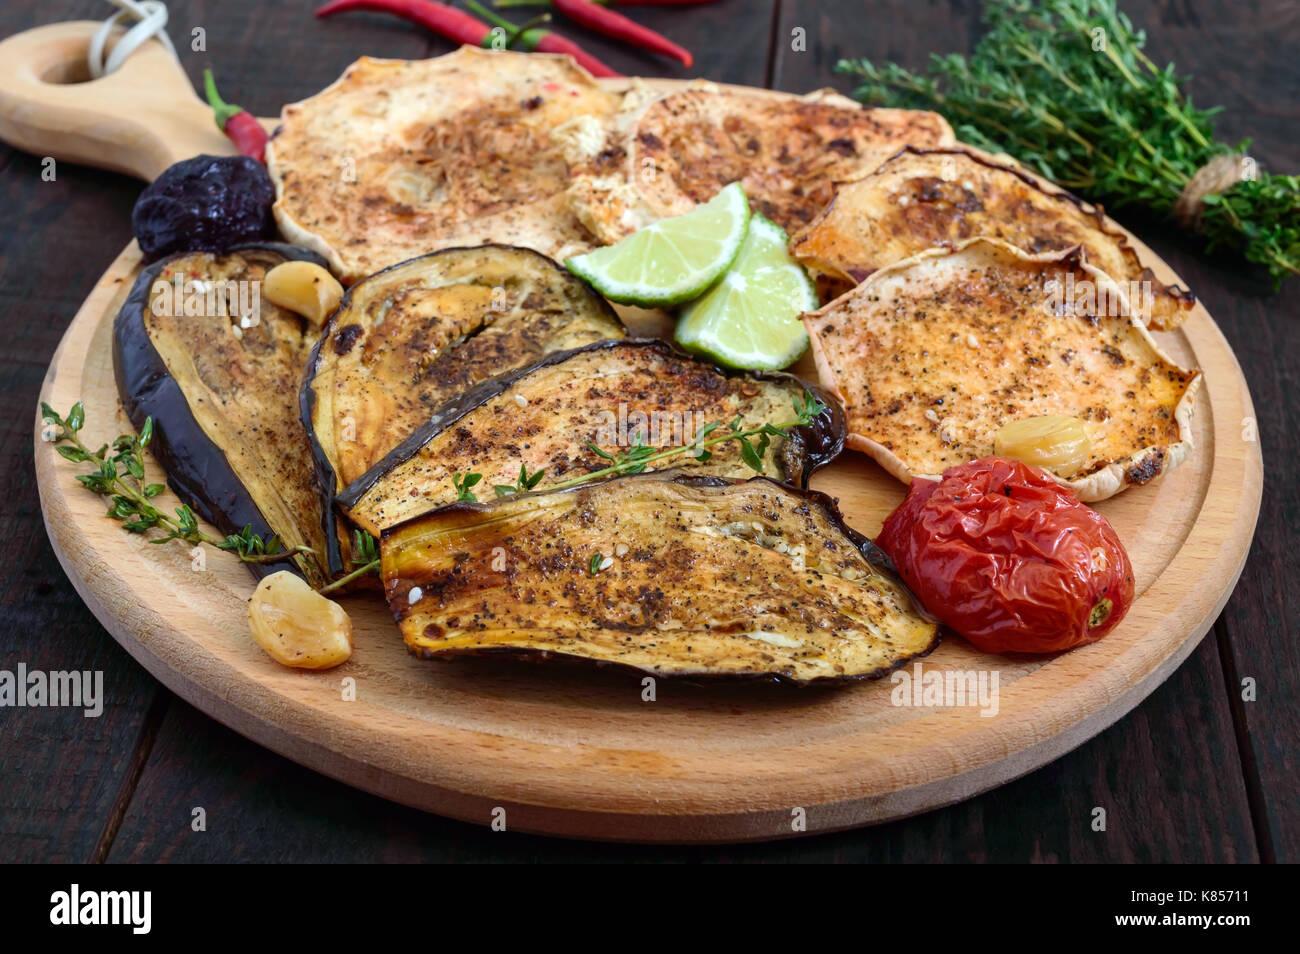 Verdure al forno: melanzane, patisson, pomodori in un giro di supporto di legno su uno sfondo scuro. piatto vegano. Foto Stock